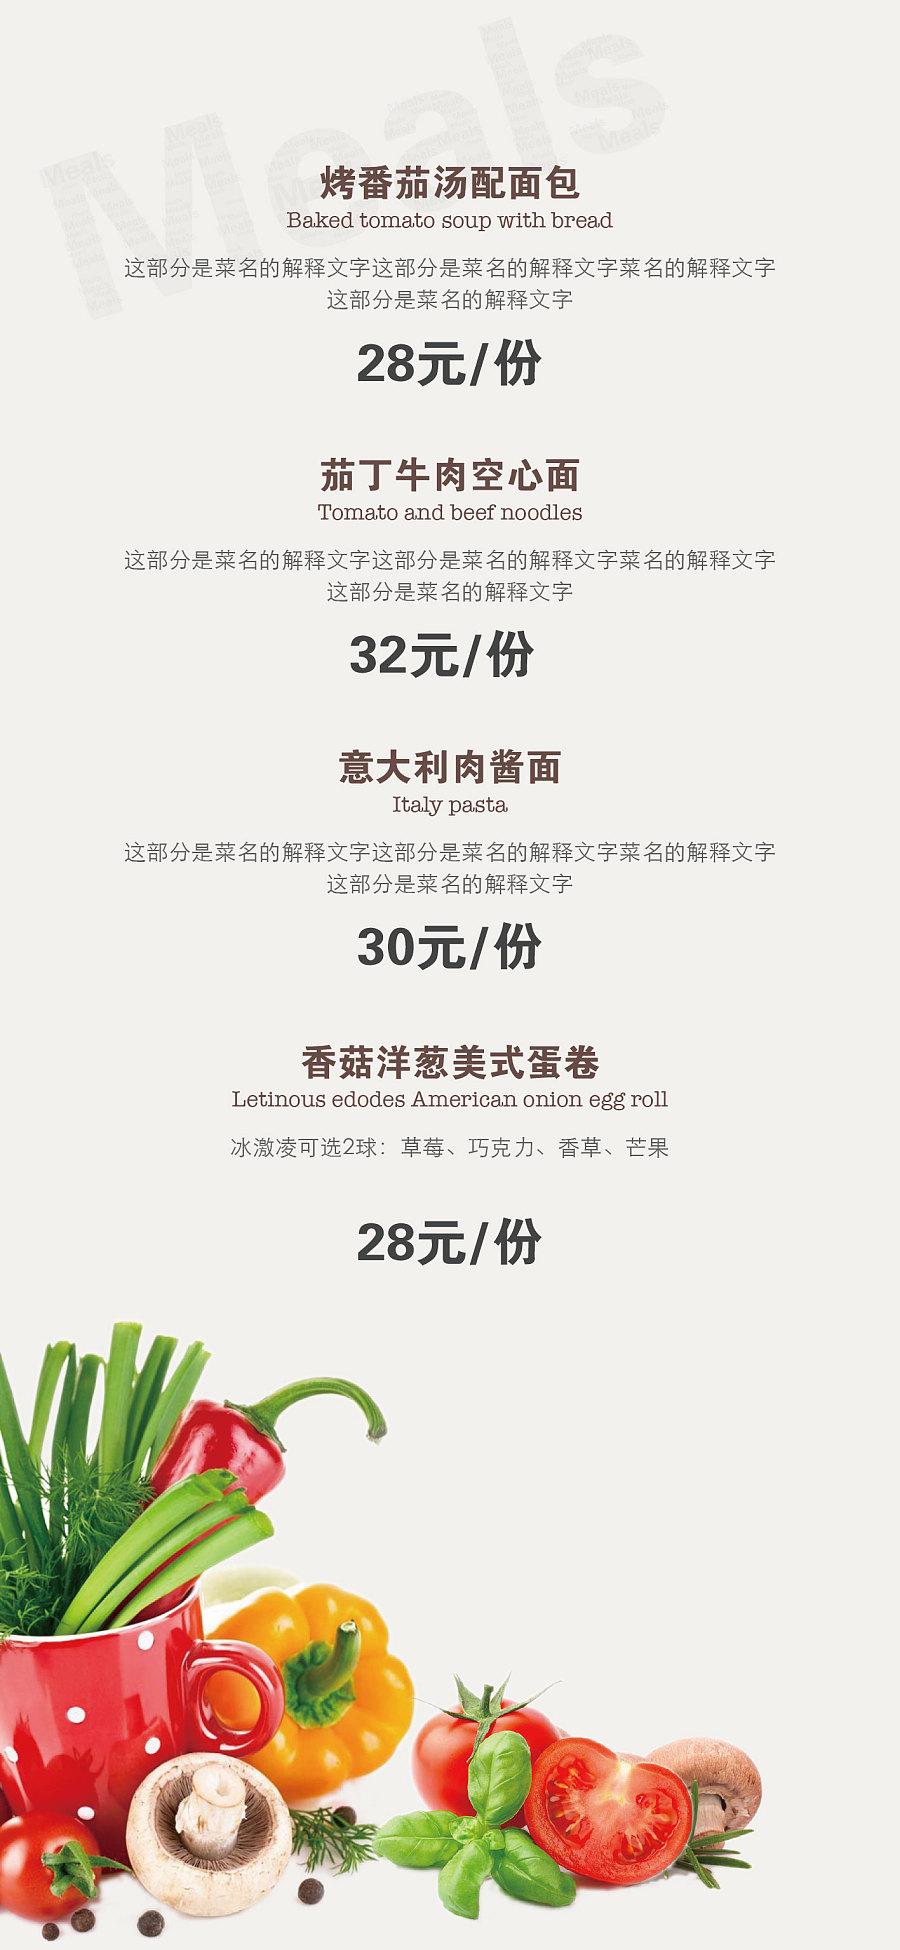 咖啡厅文艺菜单册子|品牌|平面|devil_li - 原创设计图片